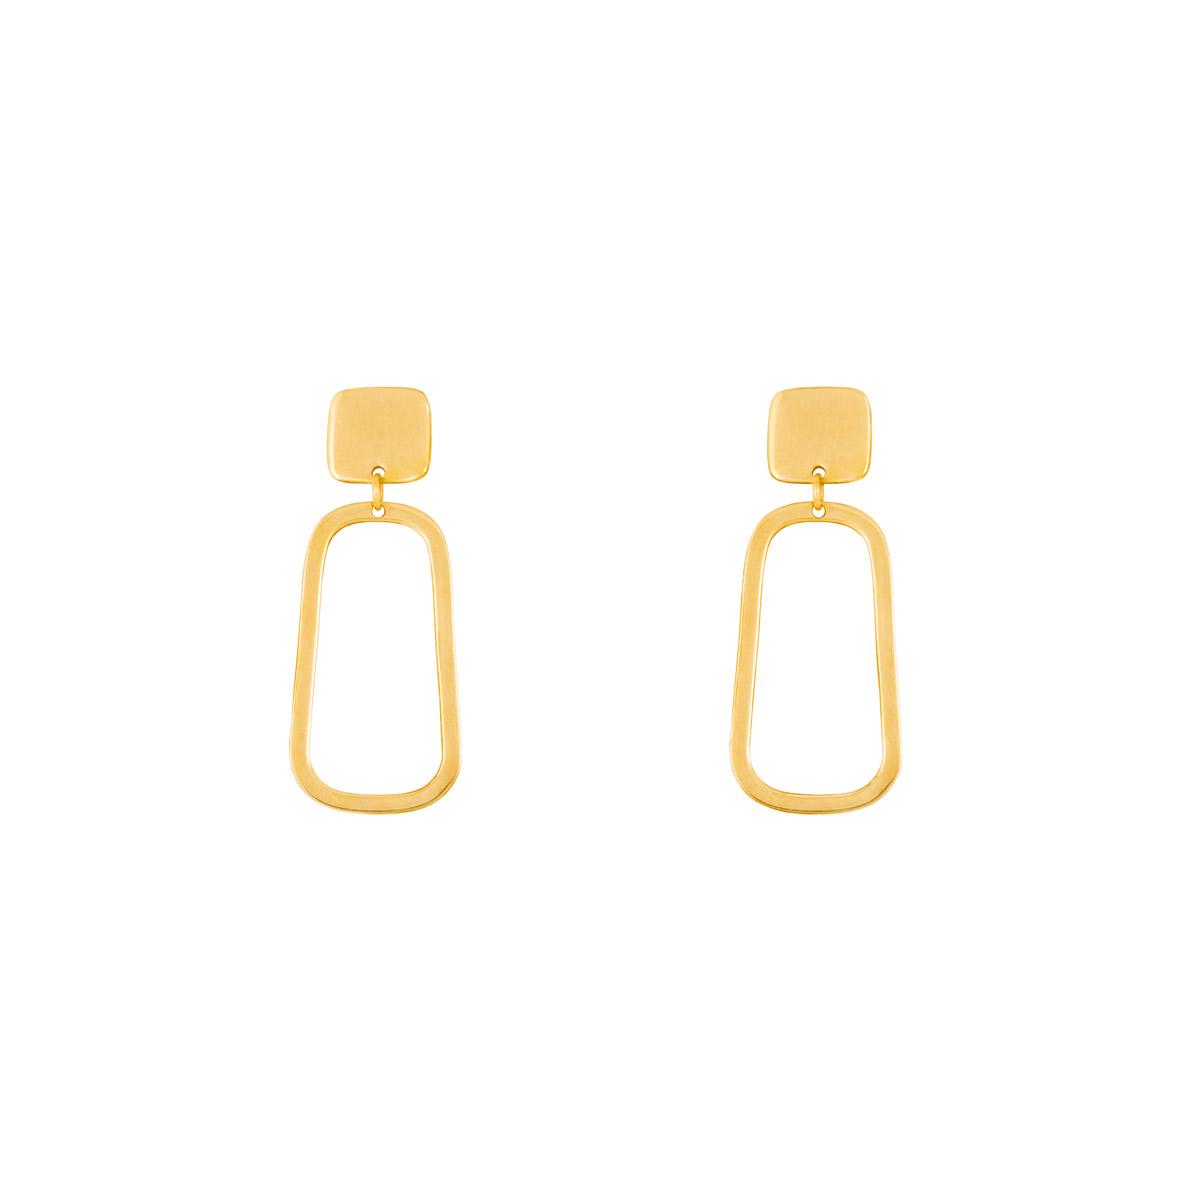 گوشواره طلا مربع | parasteh